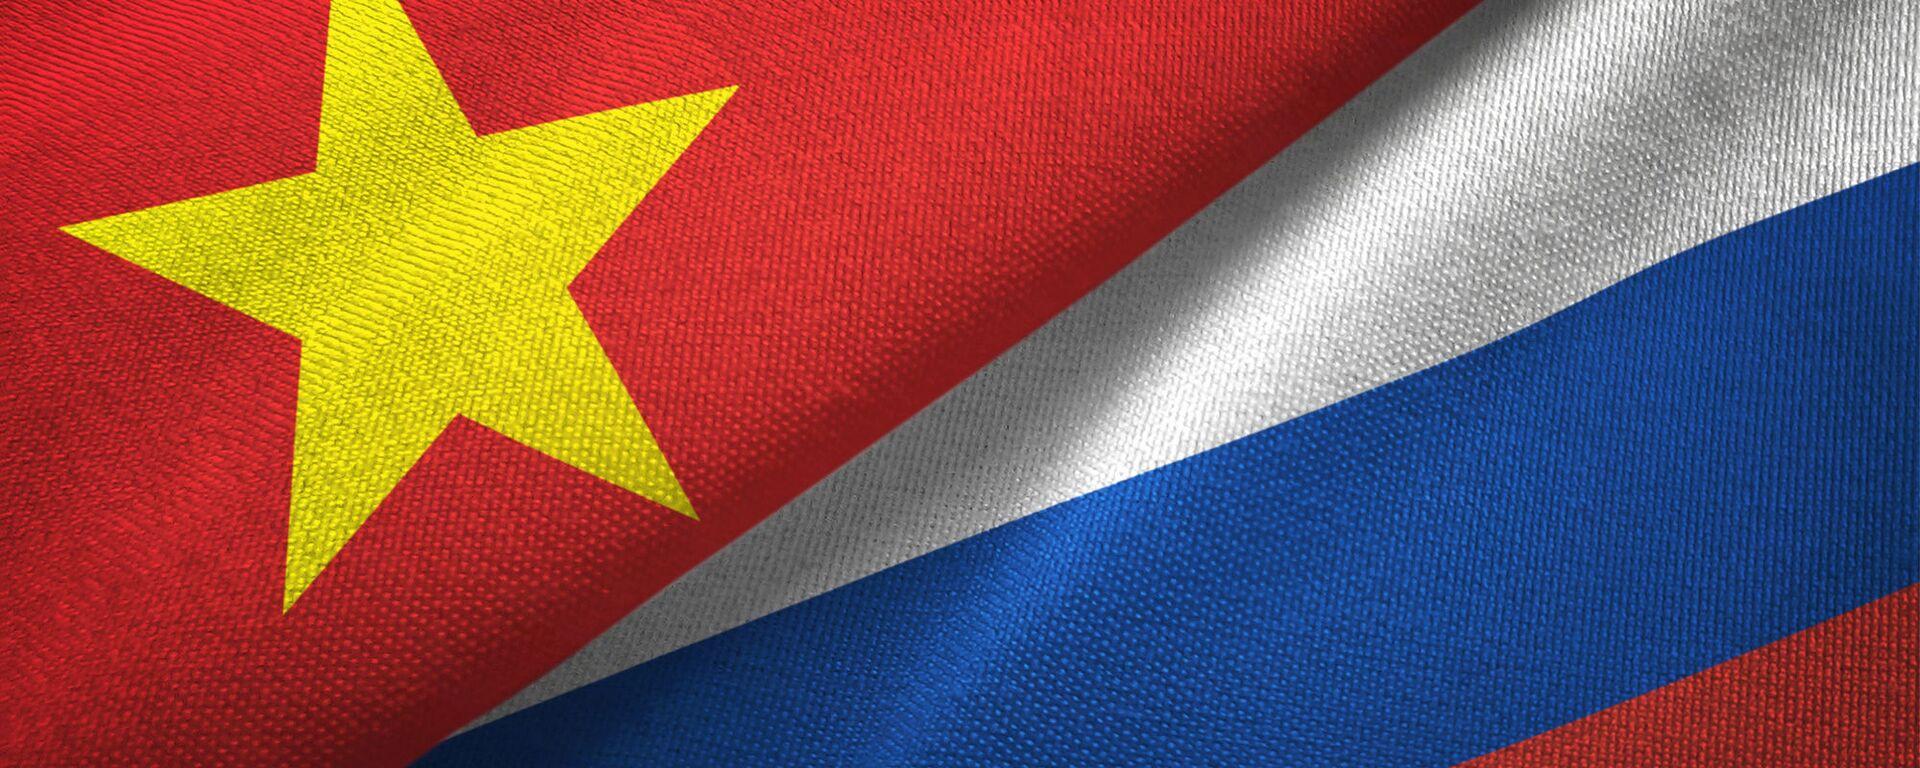 Cờ của Nga và Việt Nam - Sputnik Việt Nam, 1920, 28.09.2021